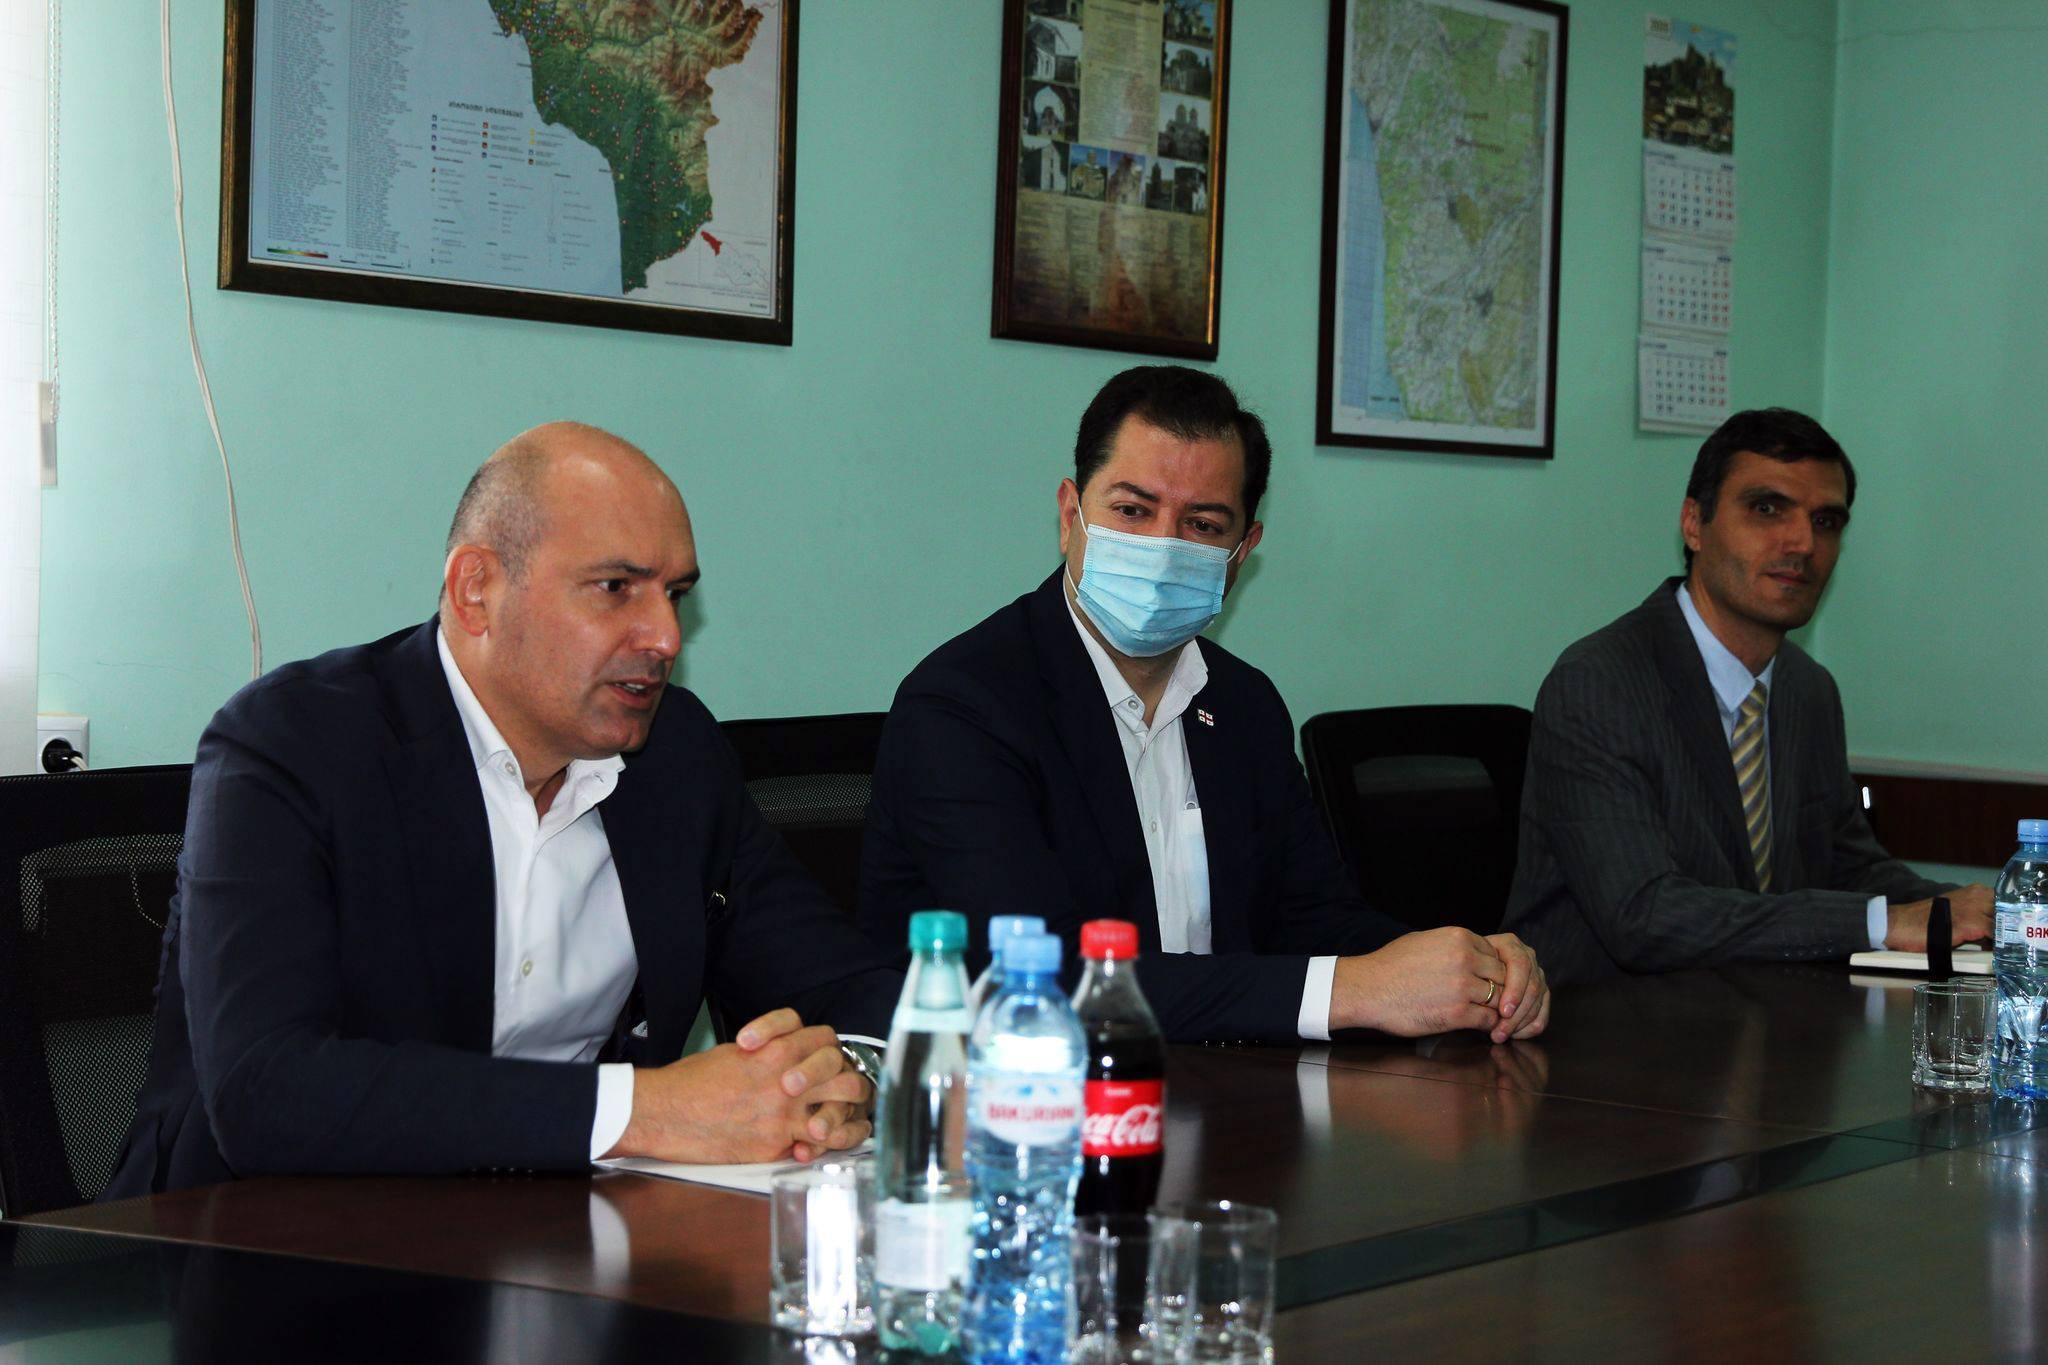 შეხვედრა საქართველოში UNDP-ის ხელმძღვანელ -  ლუიზა ვინტონთან